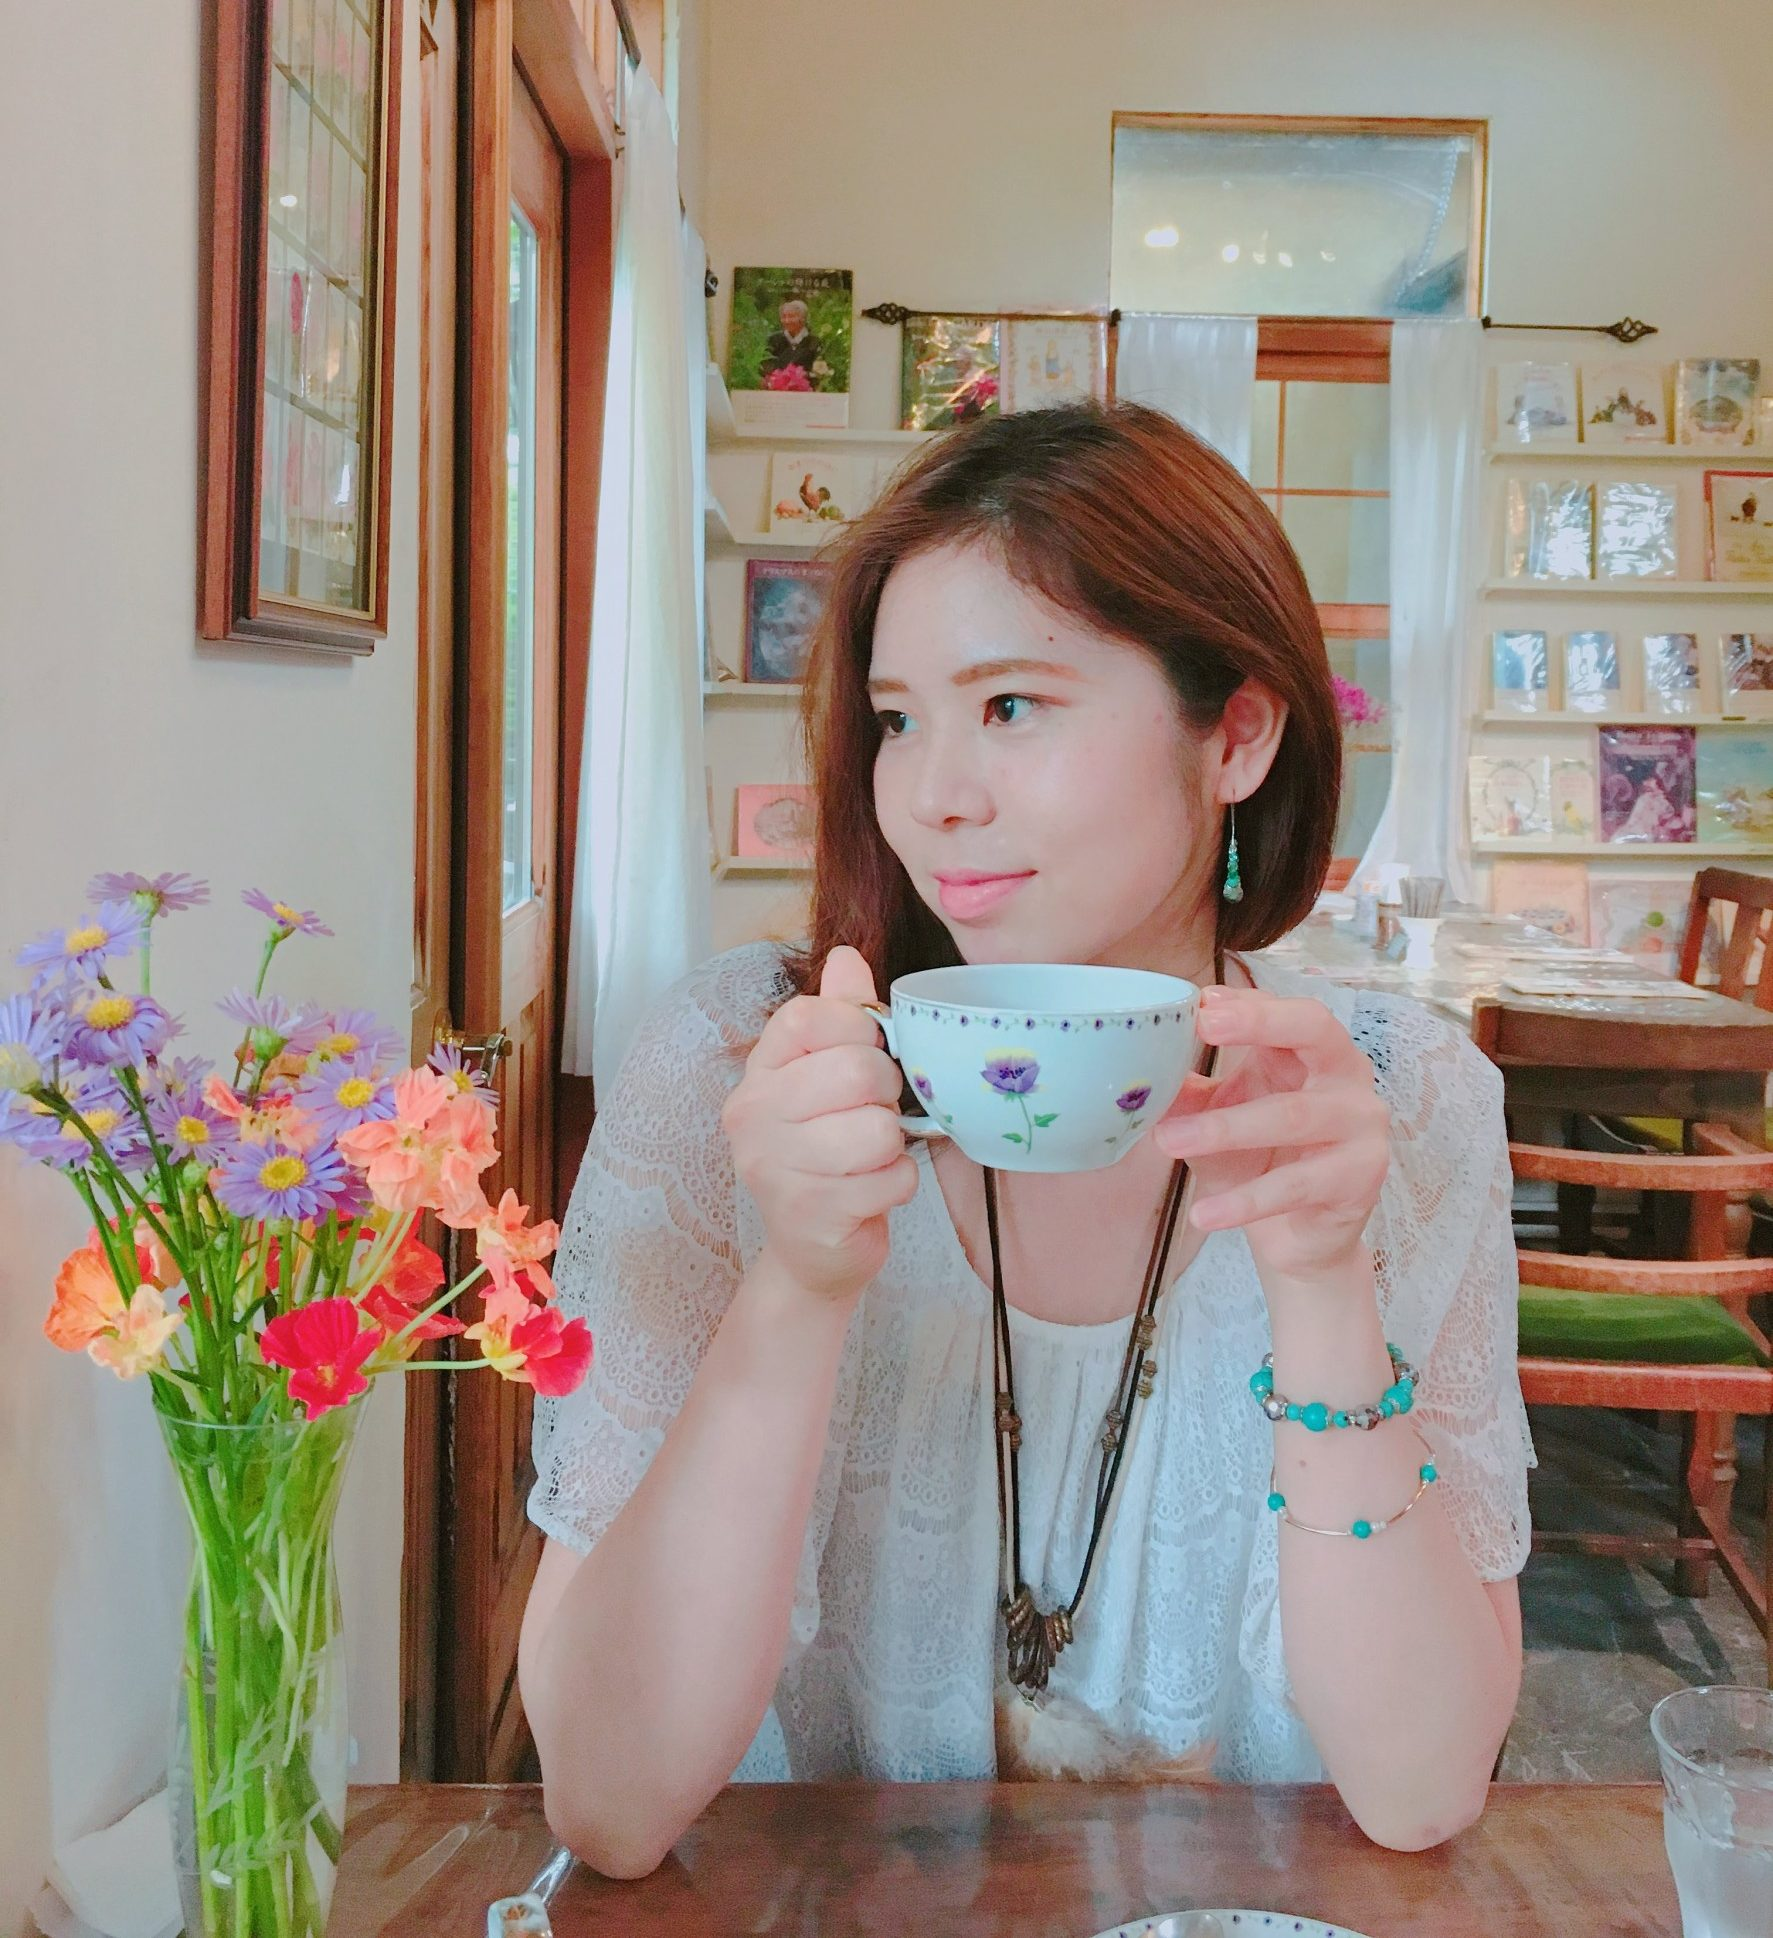 紅茶のカップを持った女と机の上に花瓶と花